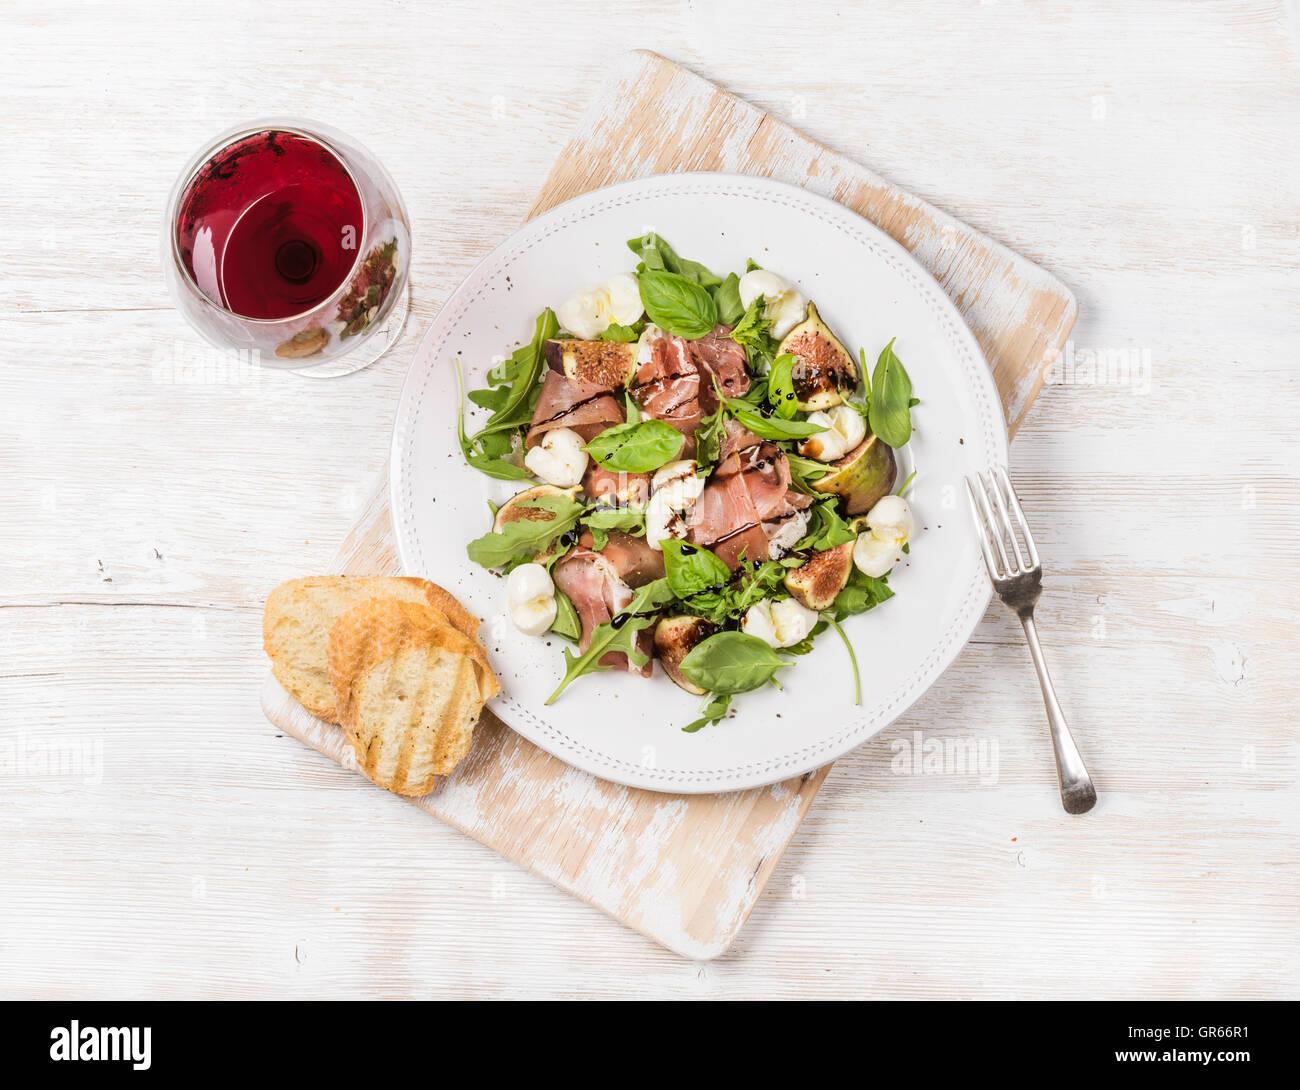 Le prosciutto, roquette, salade de figues avec du pain et verre de vin rouge Photo Stock